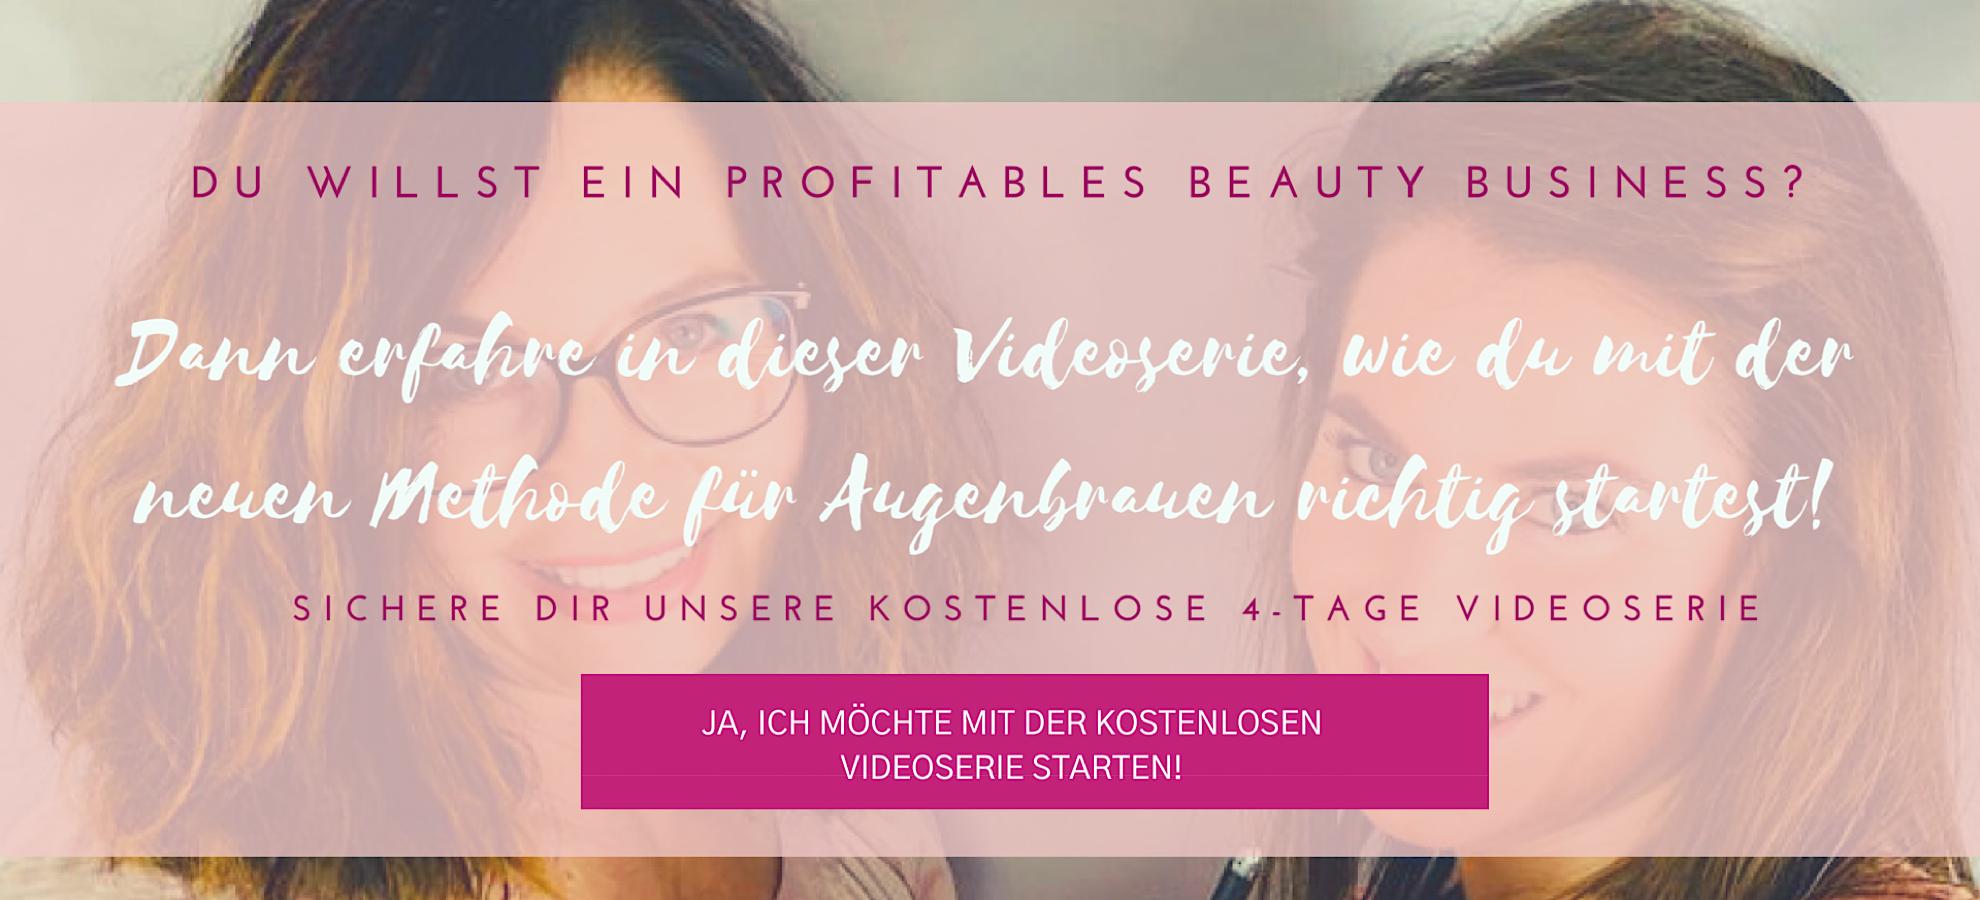 Ein lukrativer Beauty Business mit der neuen Methode für natürliche Augenbrauen